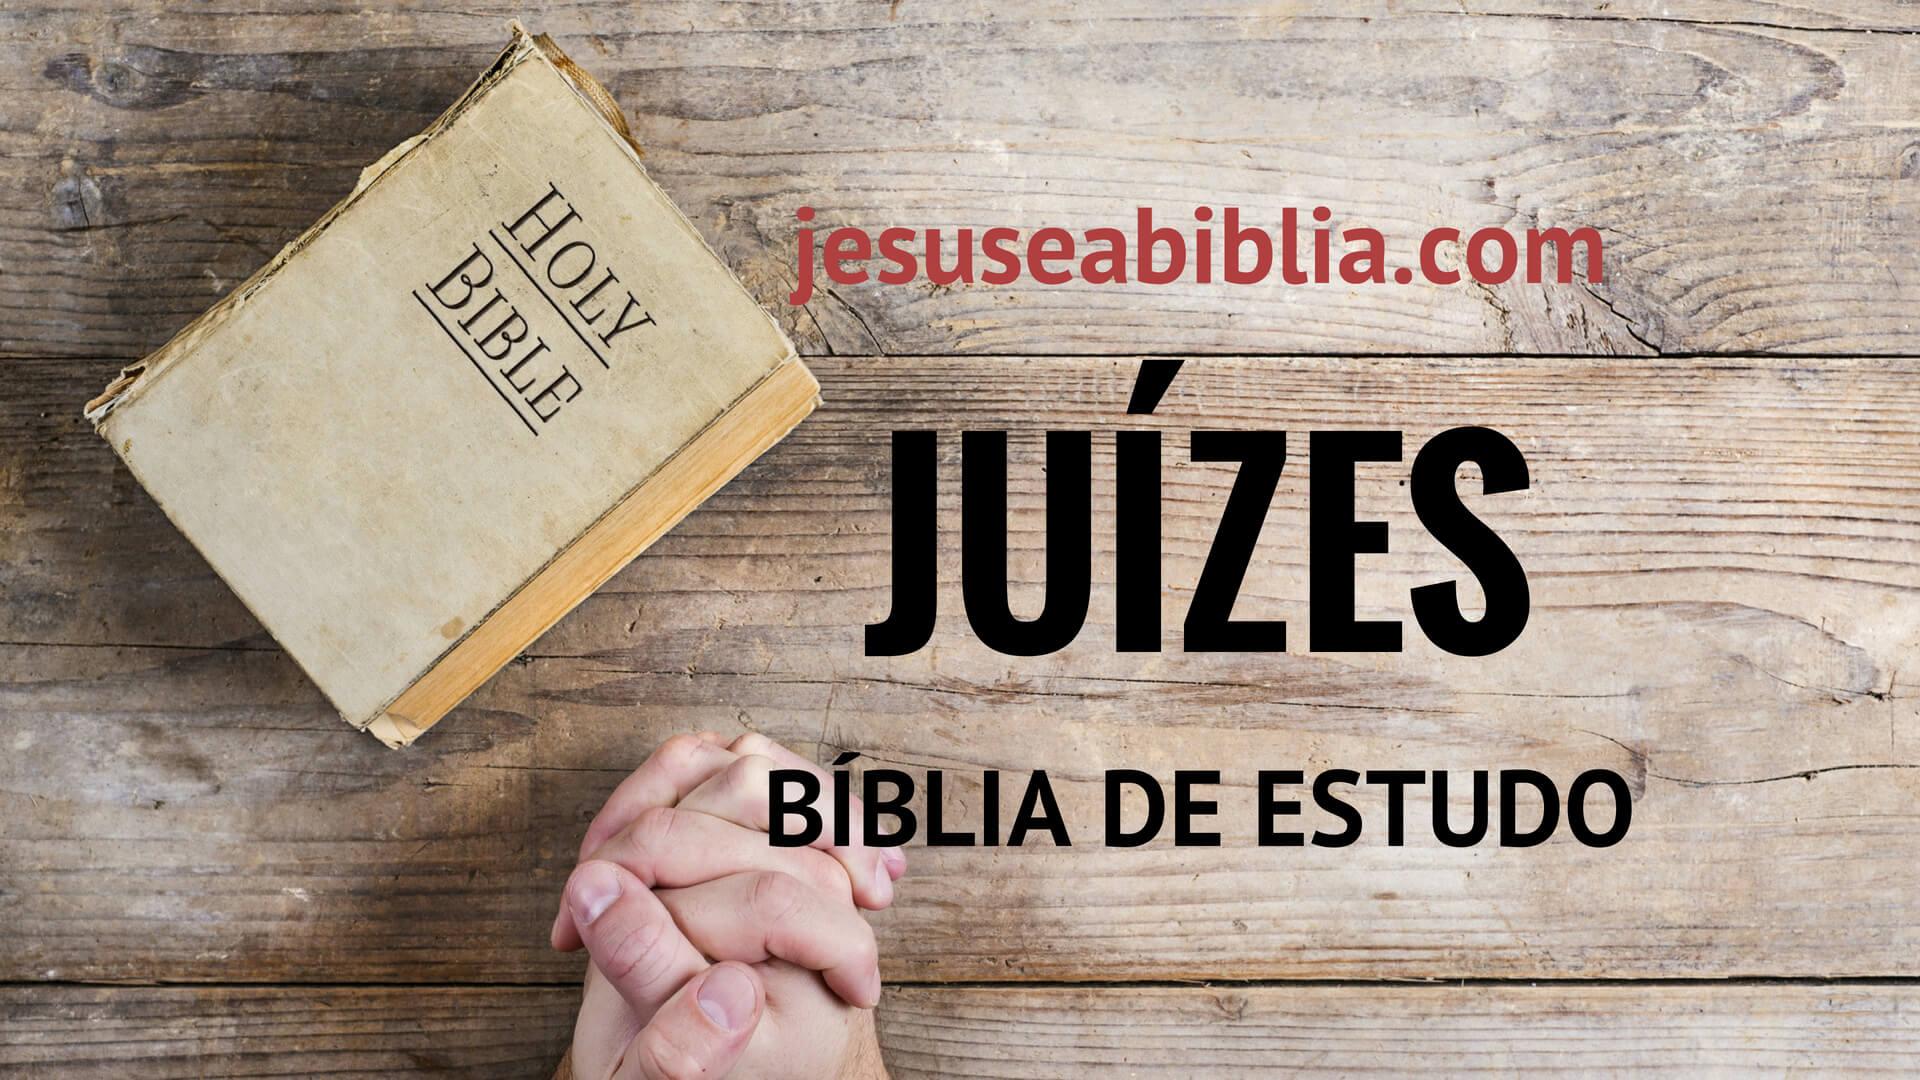 Juízes - Bíblia de Estudo Online